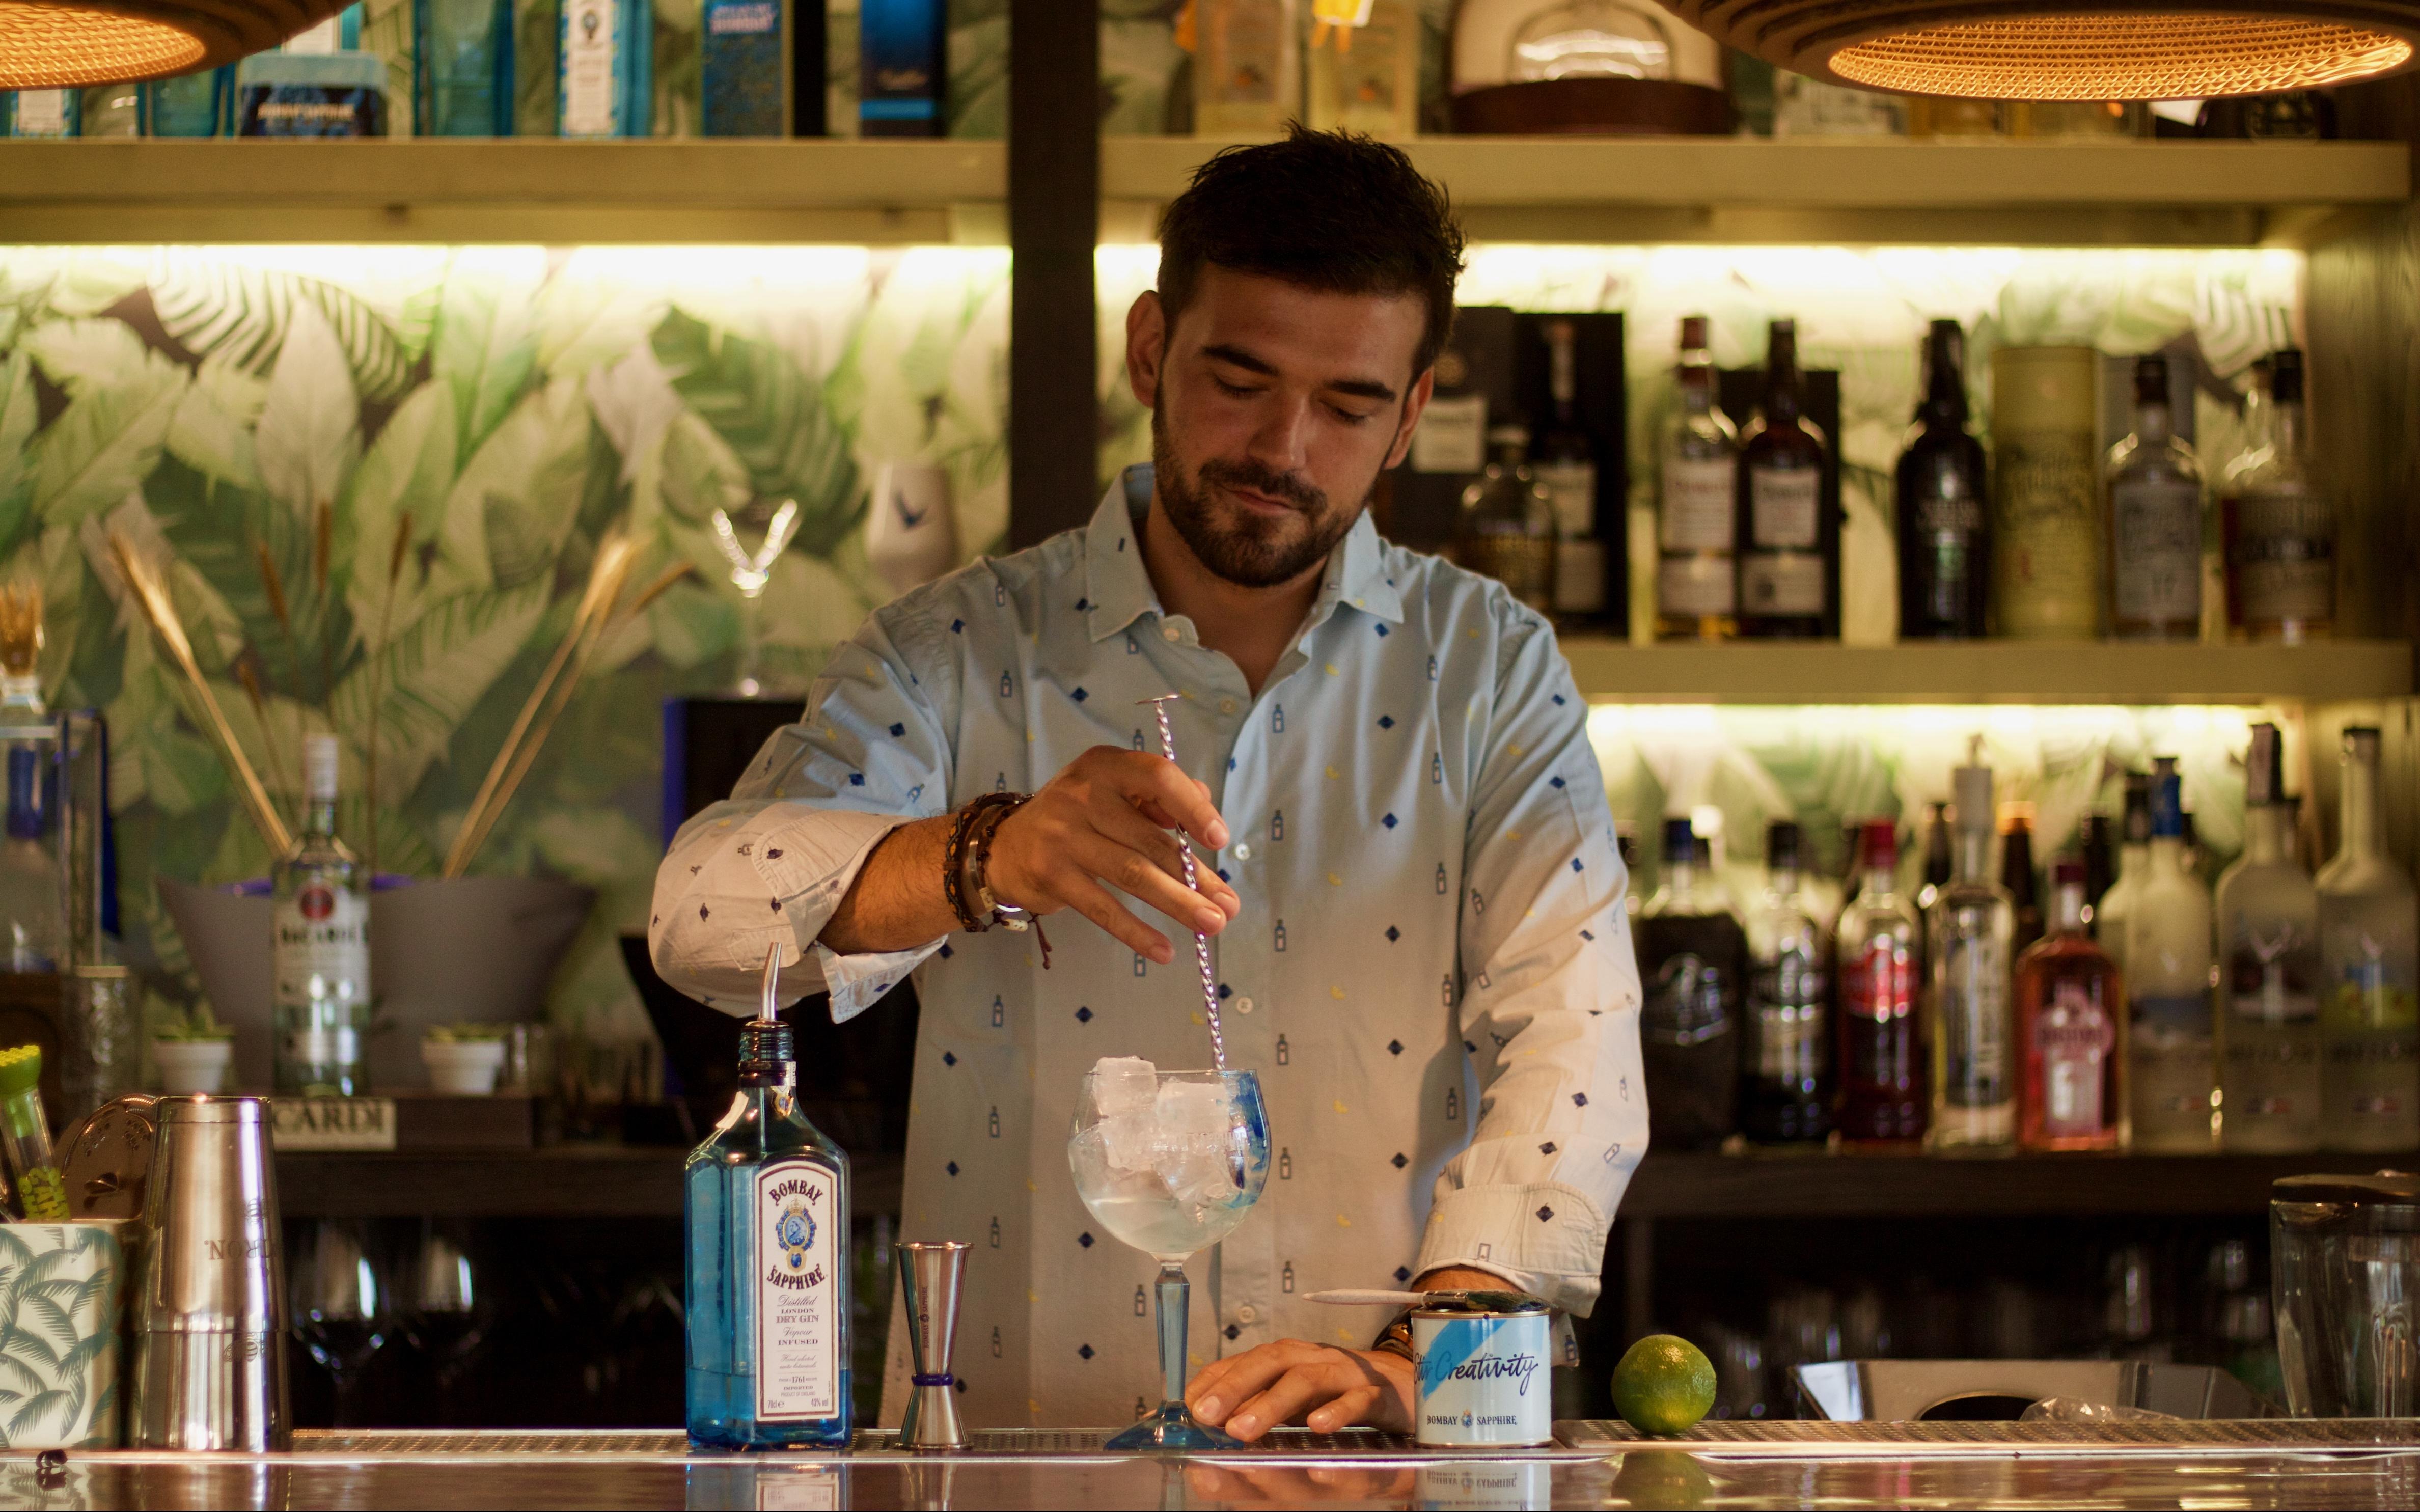 Remueve tu Creatividad con Bombay Sapphire: Borja Lucini, cuando la coctelería se convierte en un arte